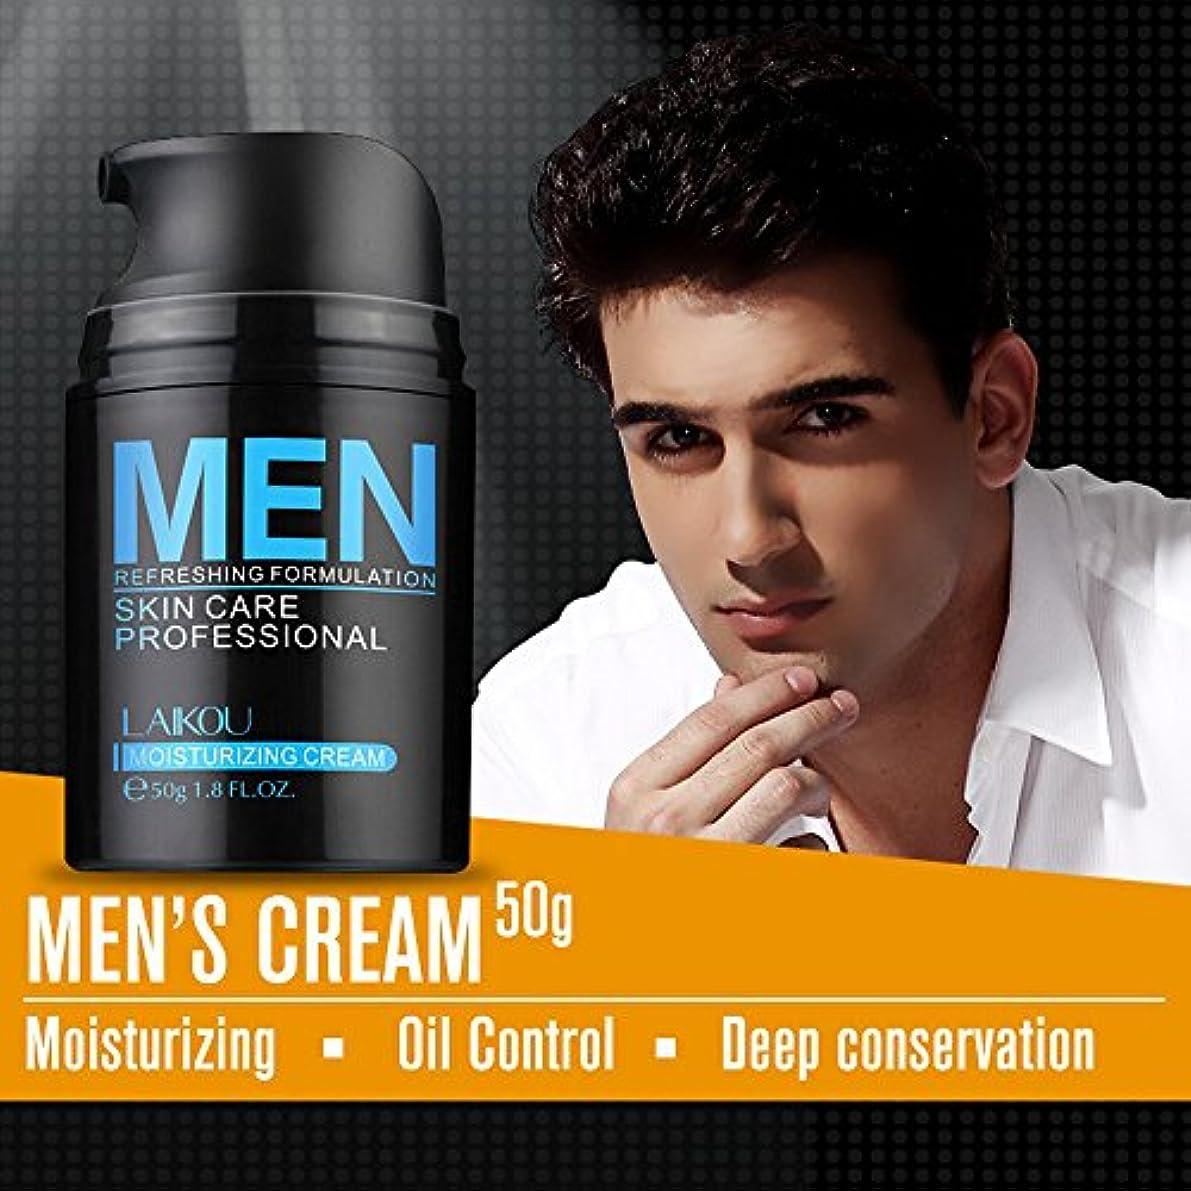 バルコニー弱いサンプルAkane LAIKOU 男子 押す 顔洗い 素敵 水分補給 オイルコントロール 保湿 すがすがしい 角質除去 クレンジング 浄化 使いやすい 洗顔料 アロエクリーム